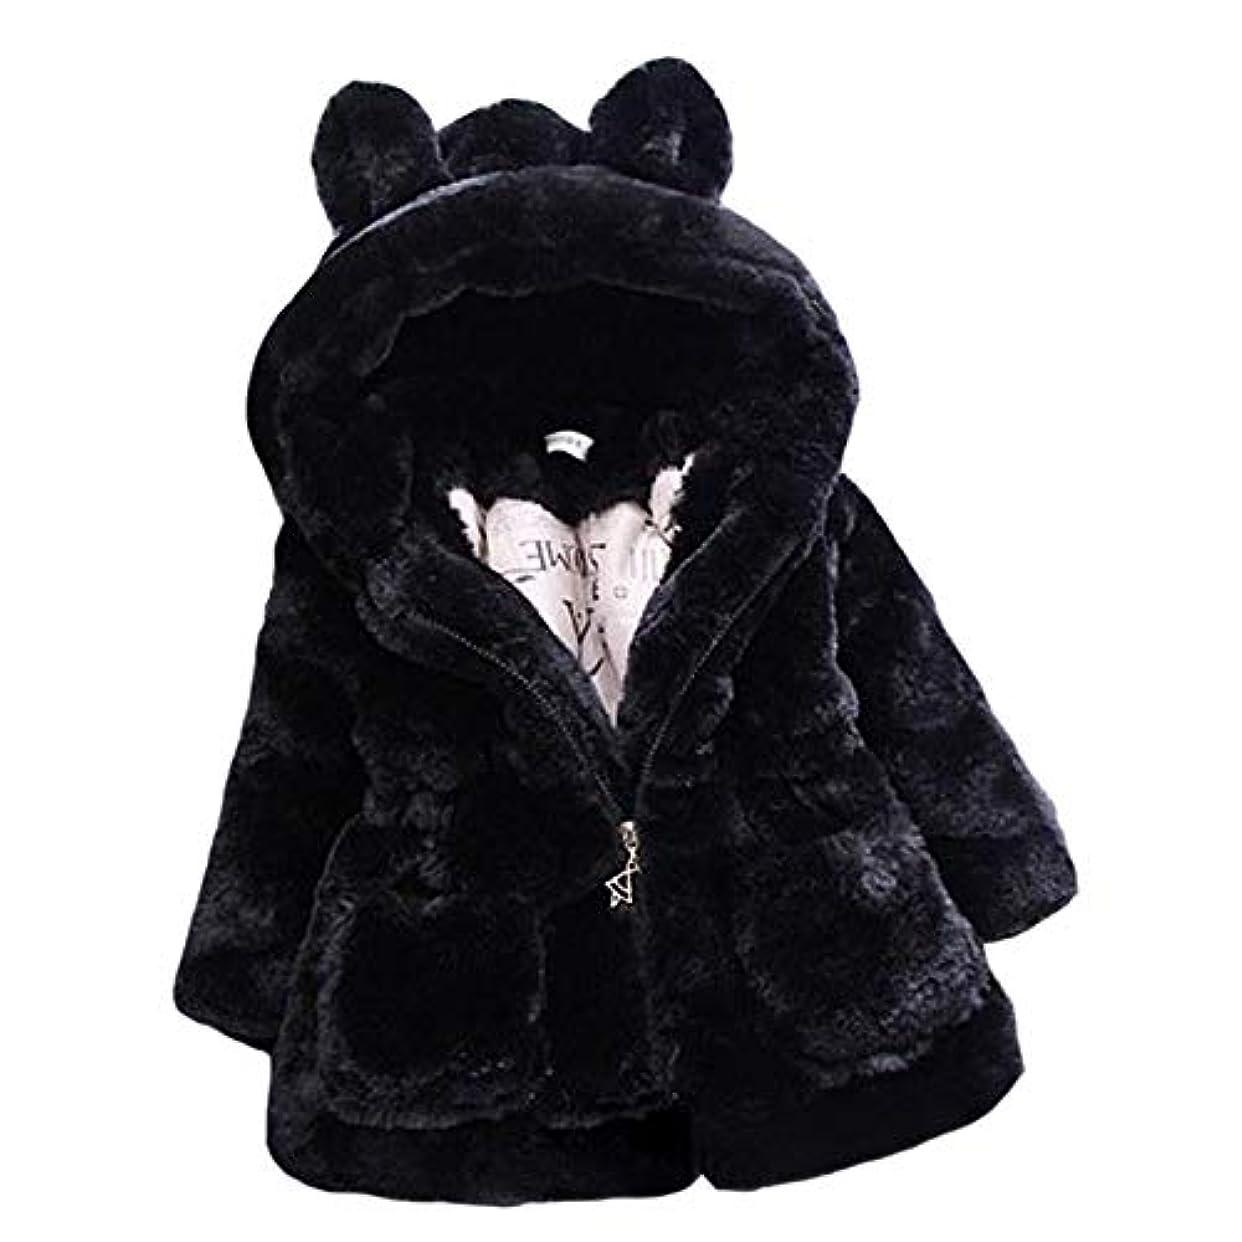 小売君主革命キャンデイ(candy88)ウサギ耳コートロリィ ダッフルコートフード付きコートボアコートふわふわ もこもこパーカー 萌え萌えかわいいパーカージャケット3色展開 (90, ブラック)